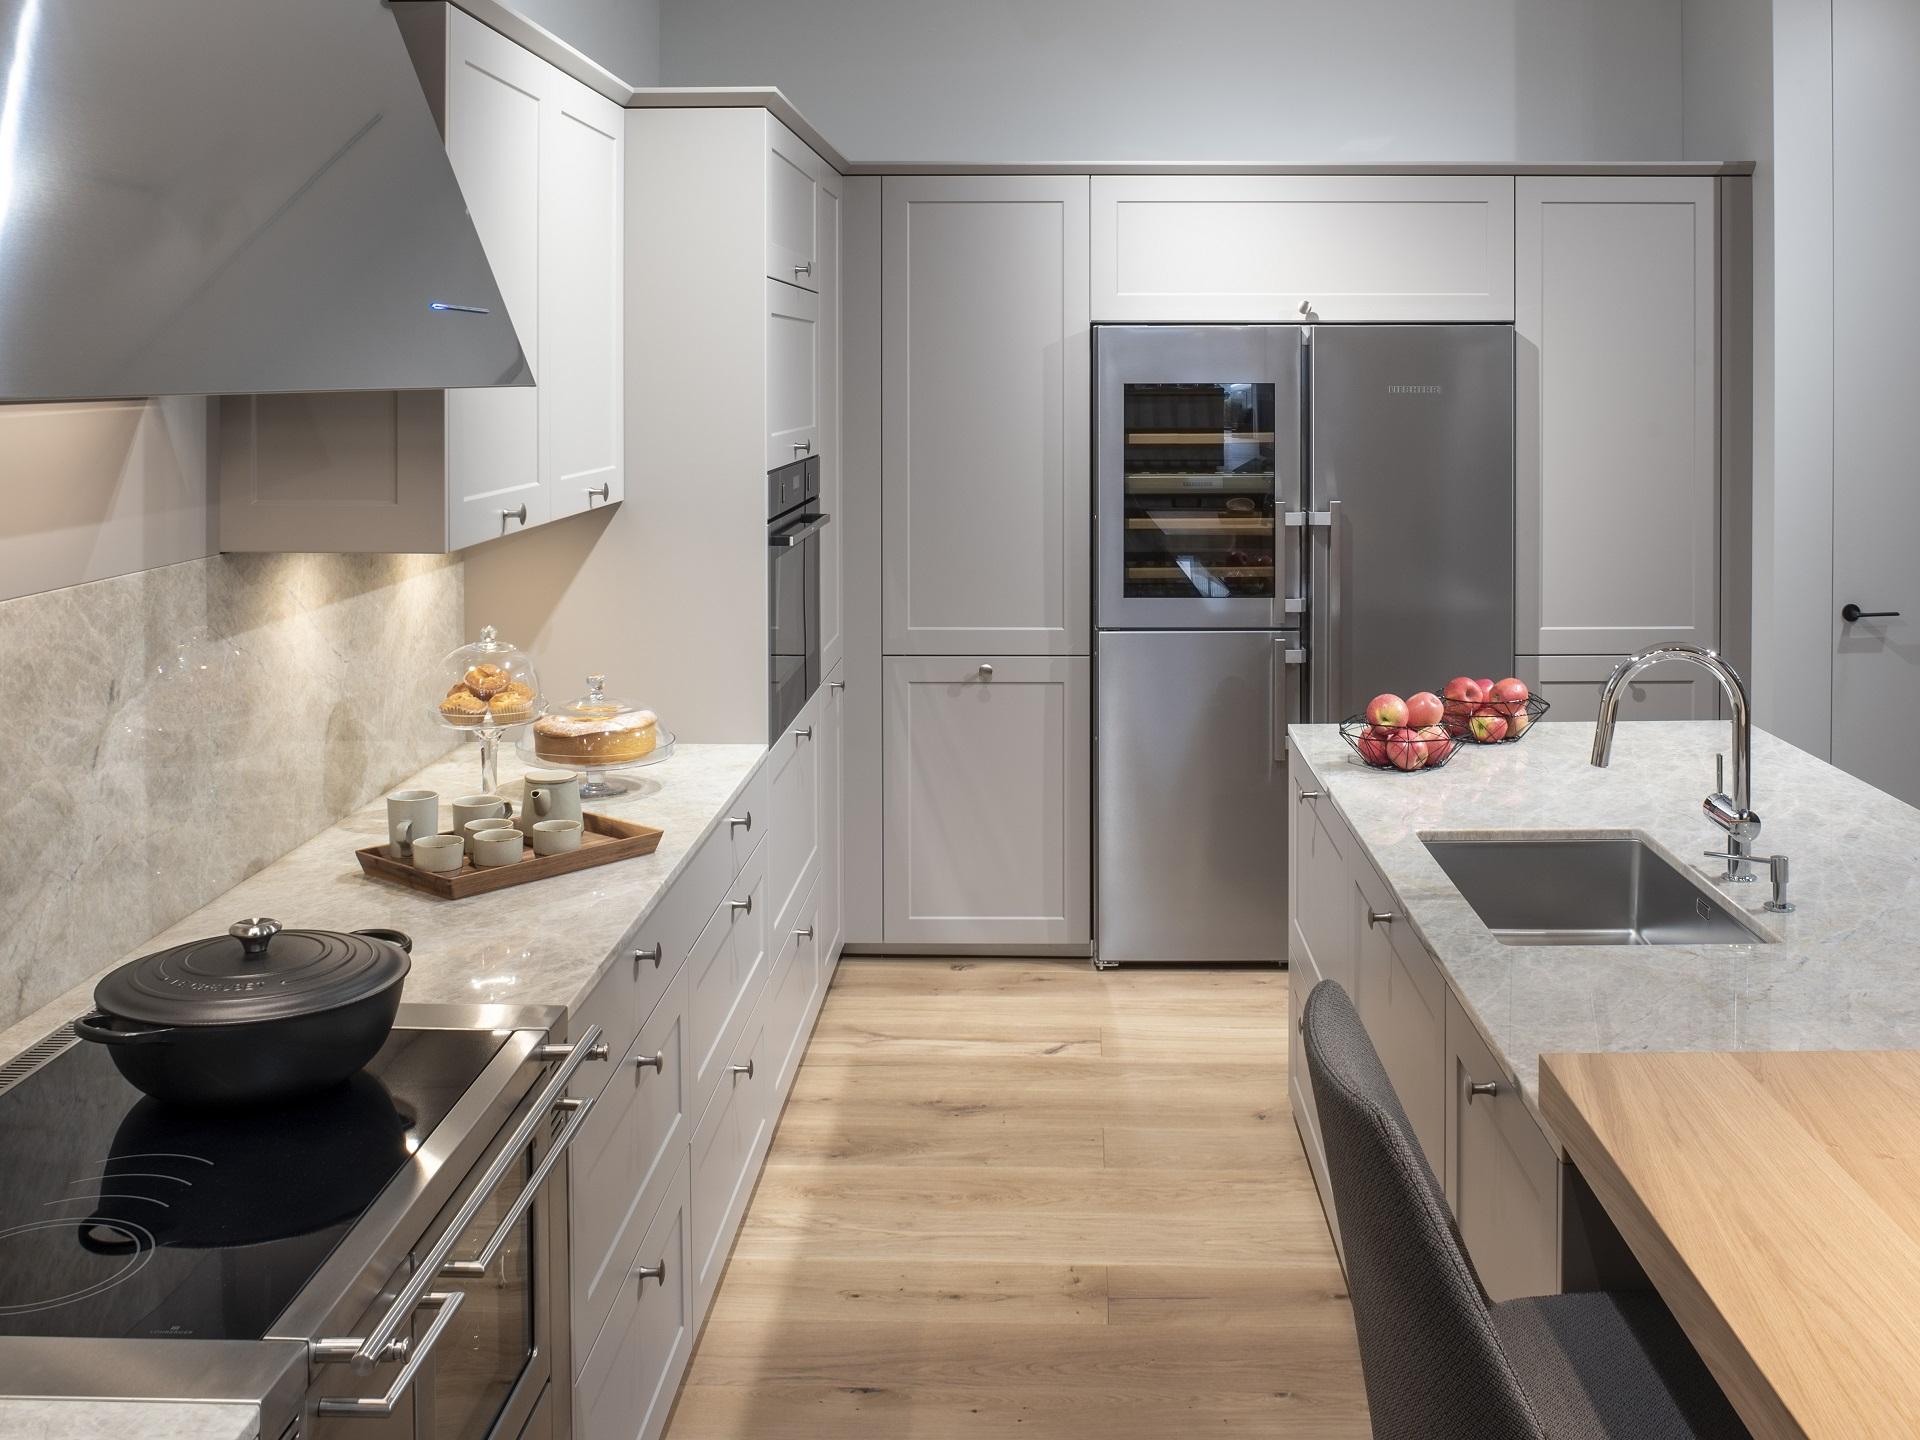 Muebles de cocina lacados. Materiales cocinas Santos